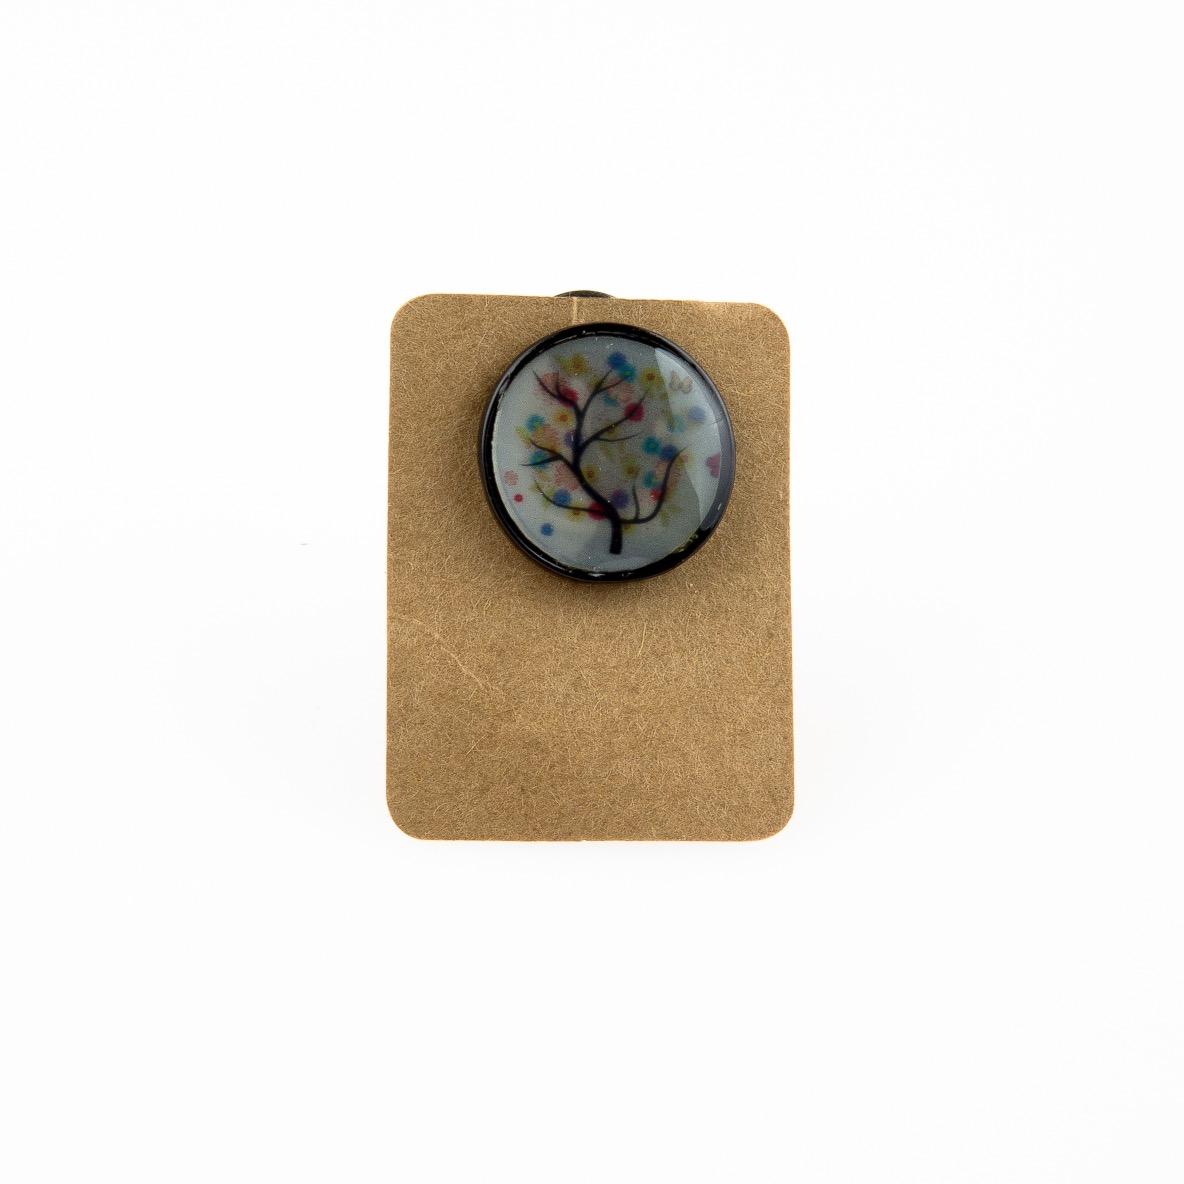 Metal Tree Butterfly Enamel Pin Badge